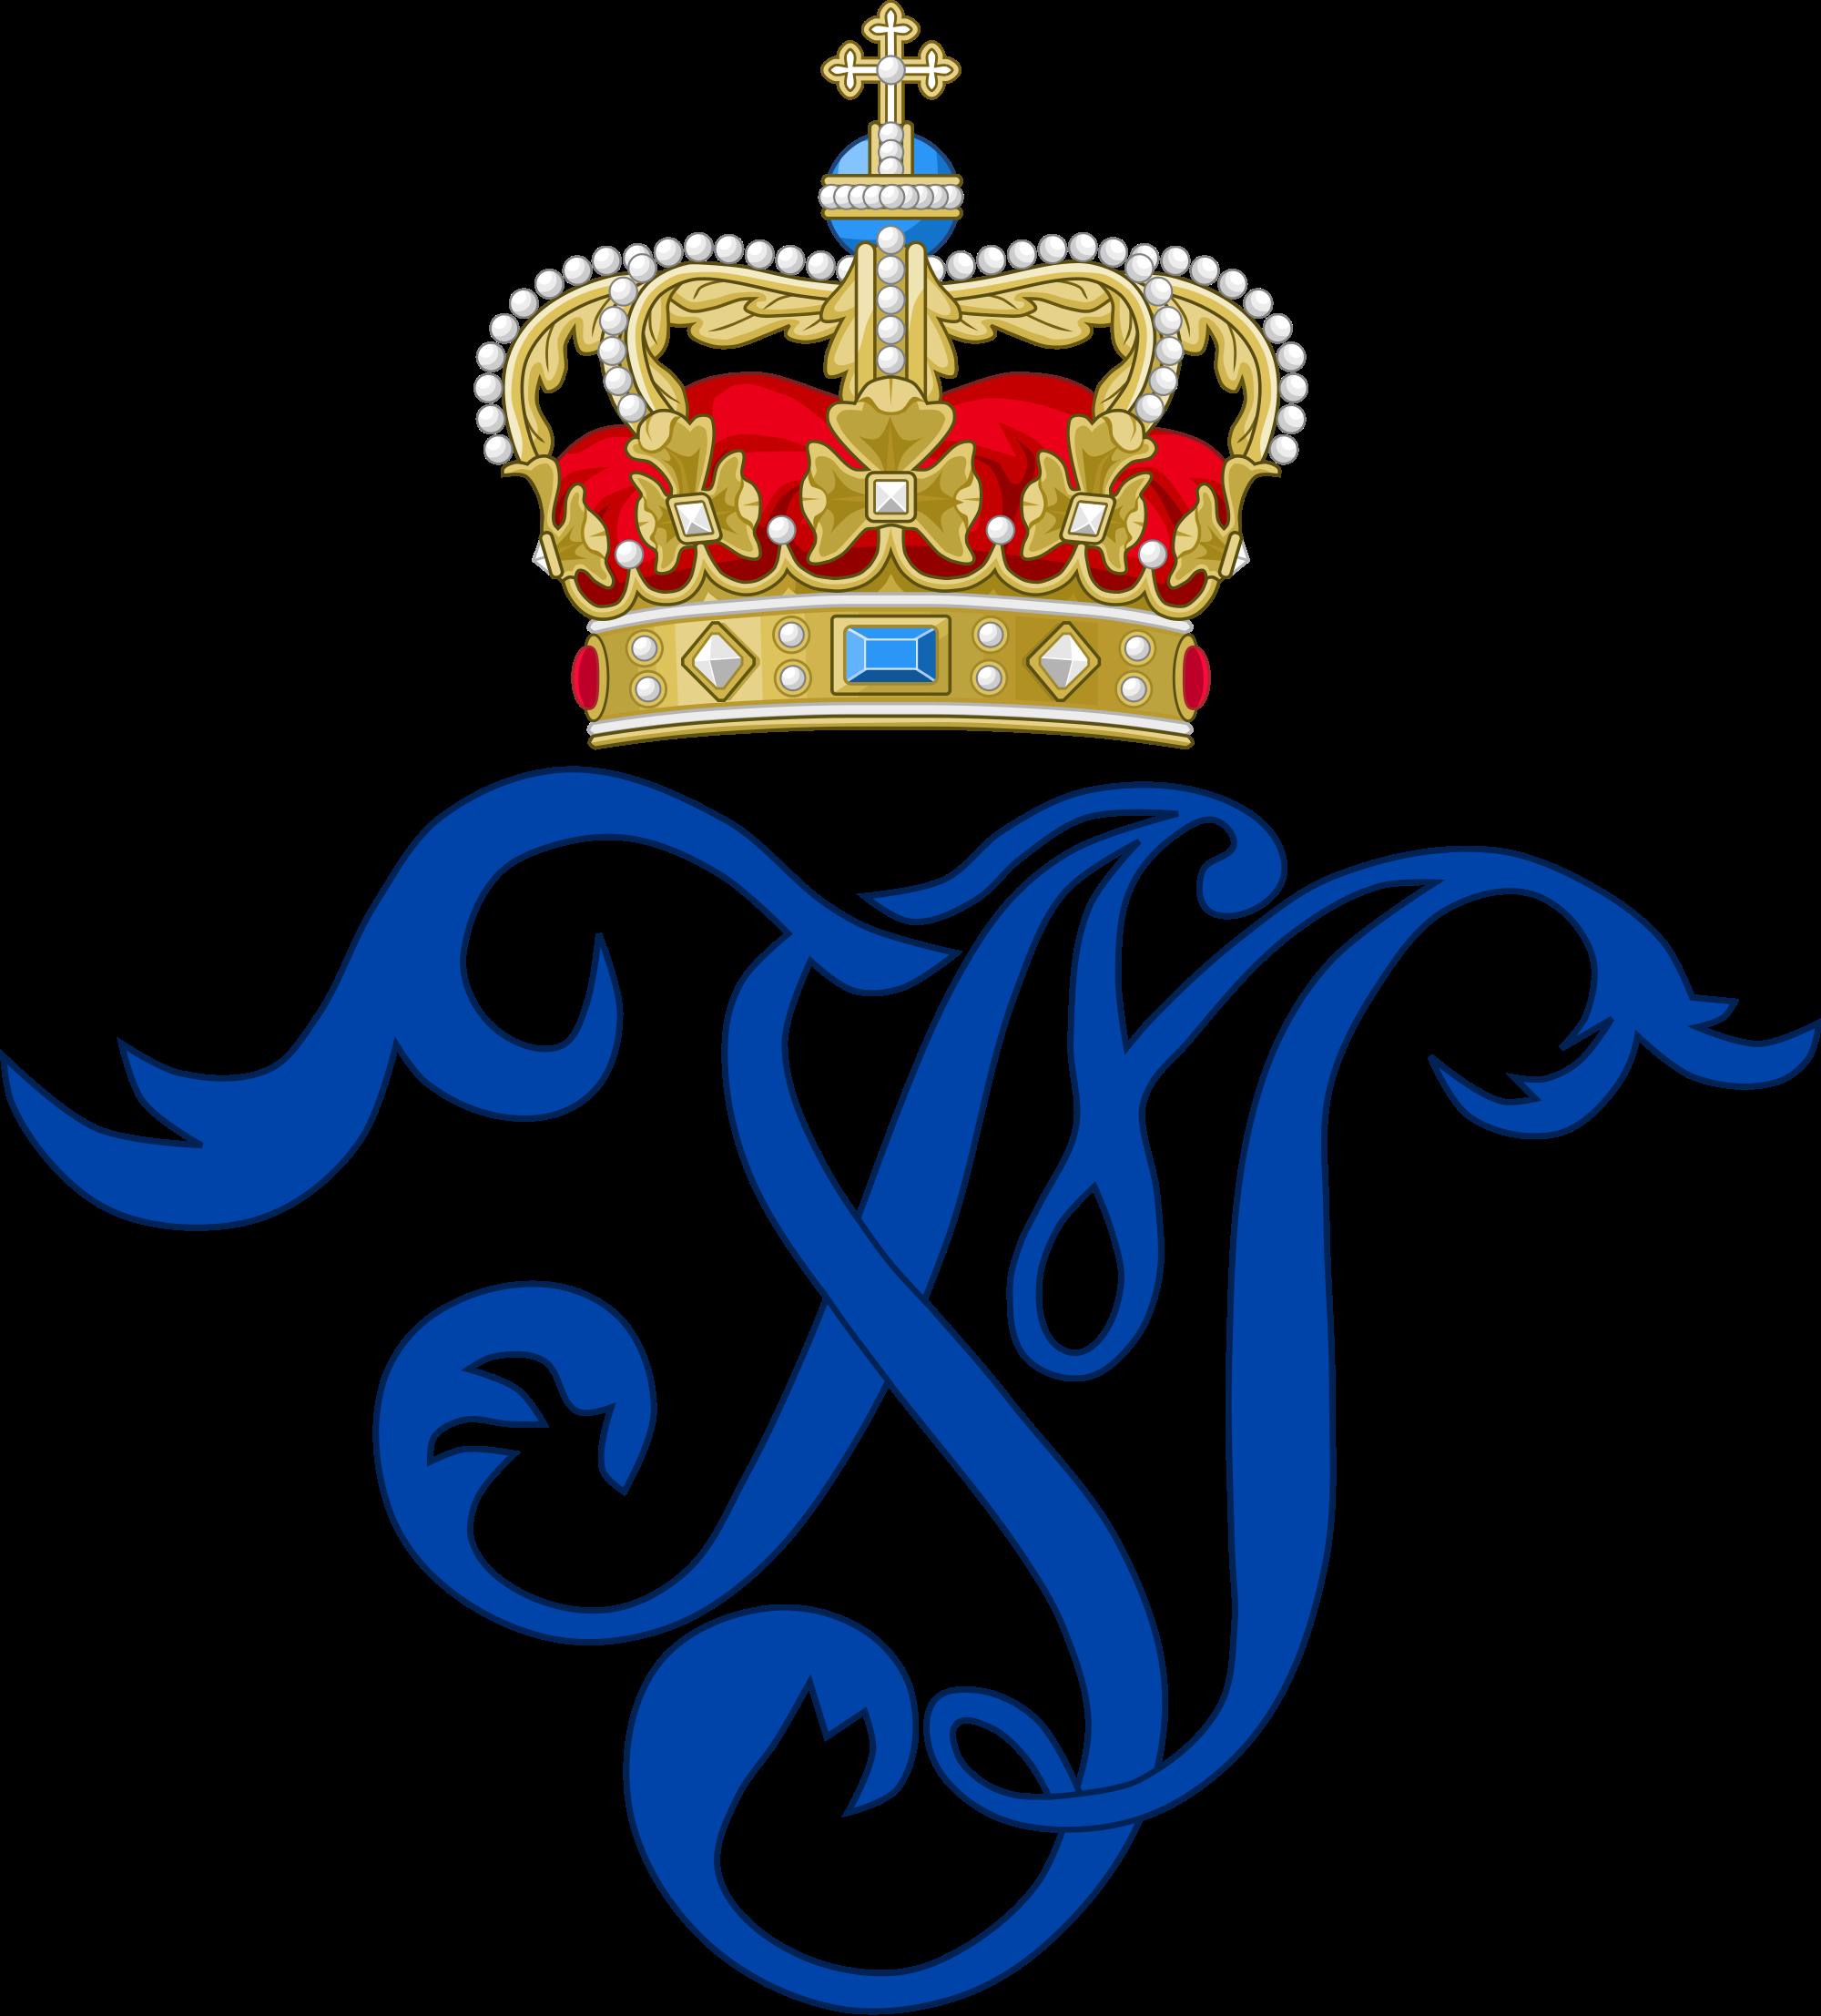 Rounded top queen crown clipart royalty free stock Queen Juliane Marie of Denmark | Juliane Marie Queen of Denmark ... royalty free stock